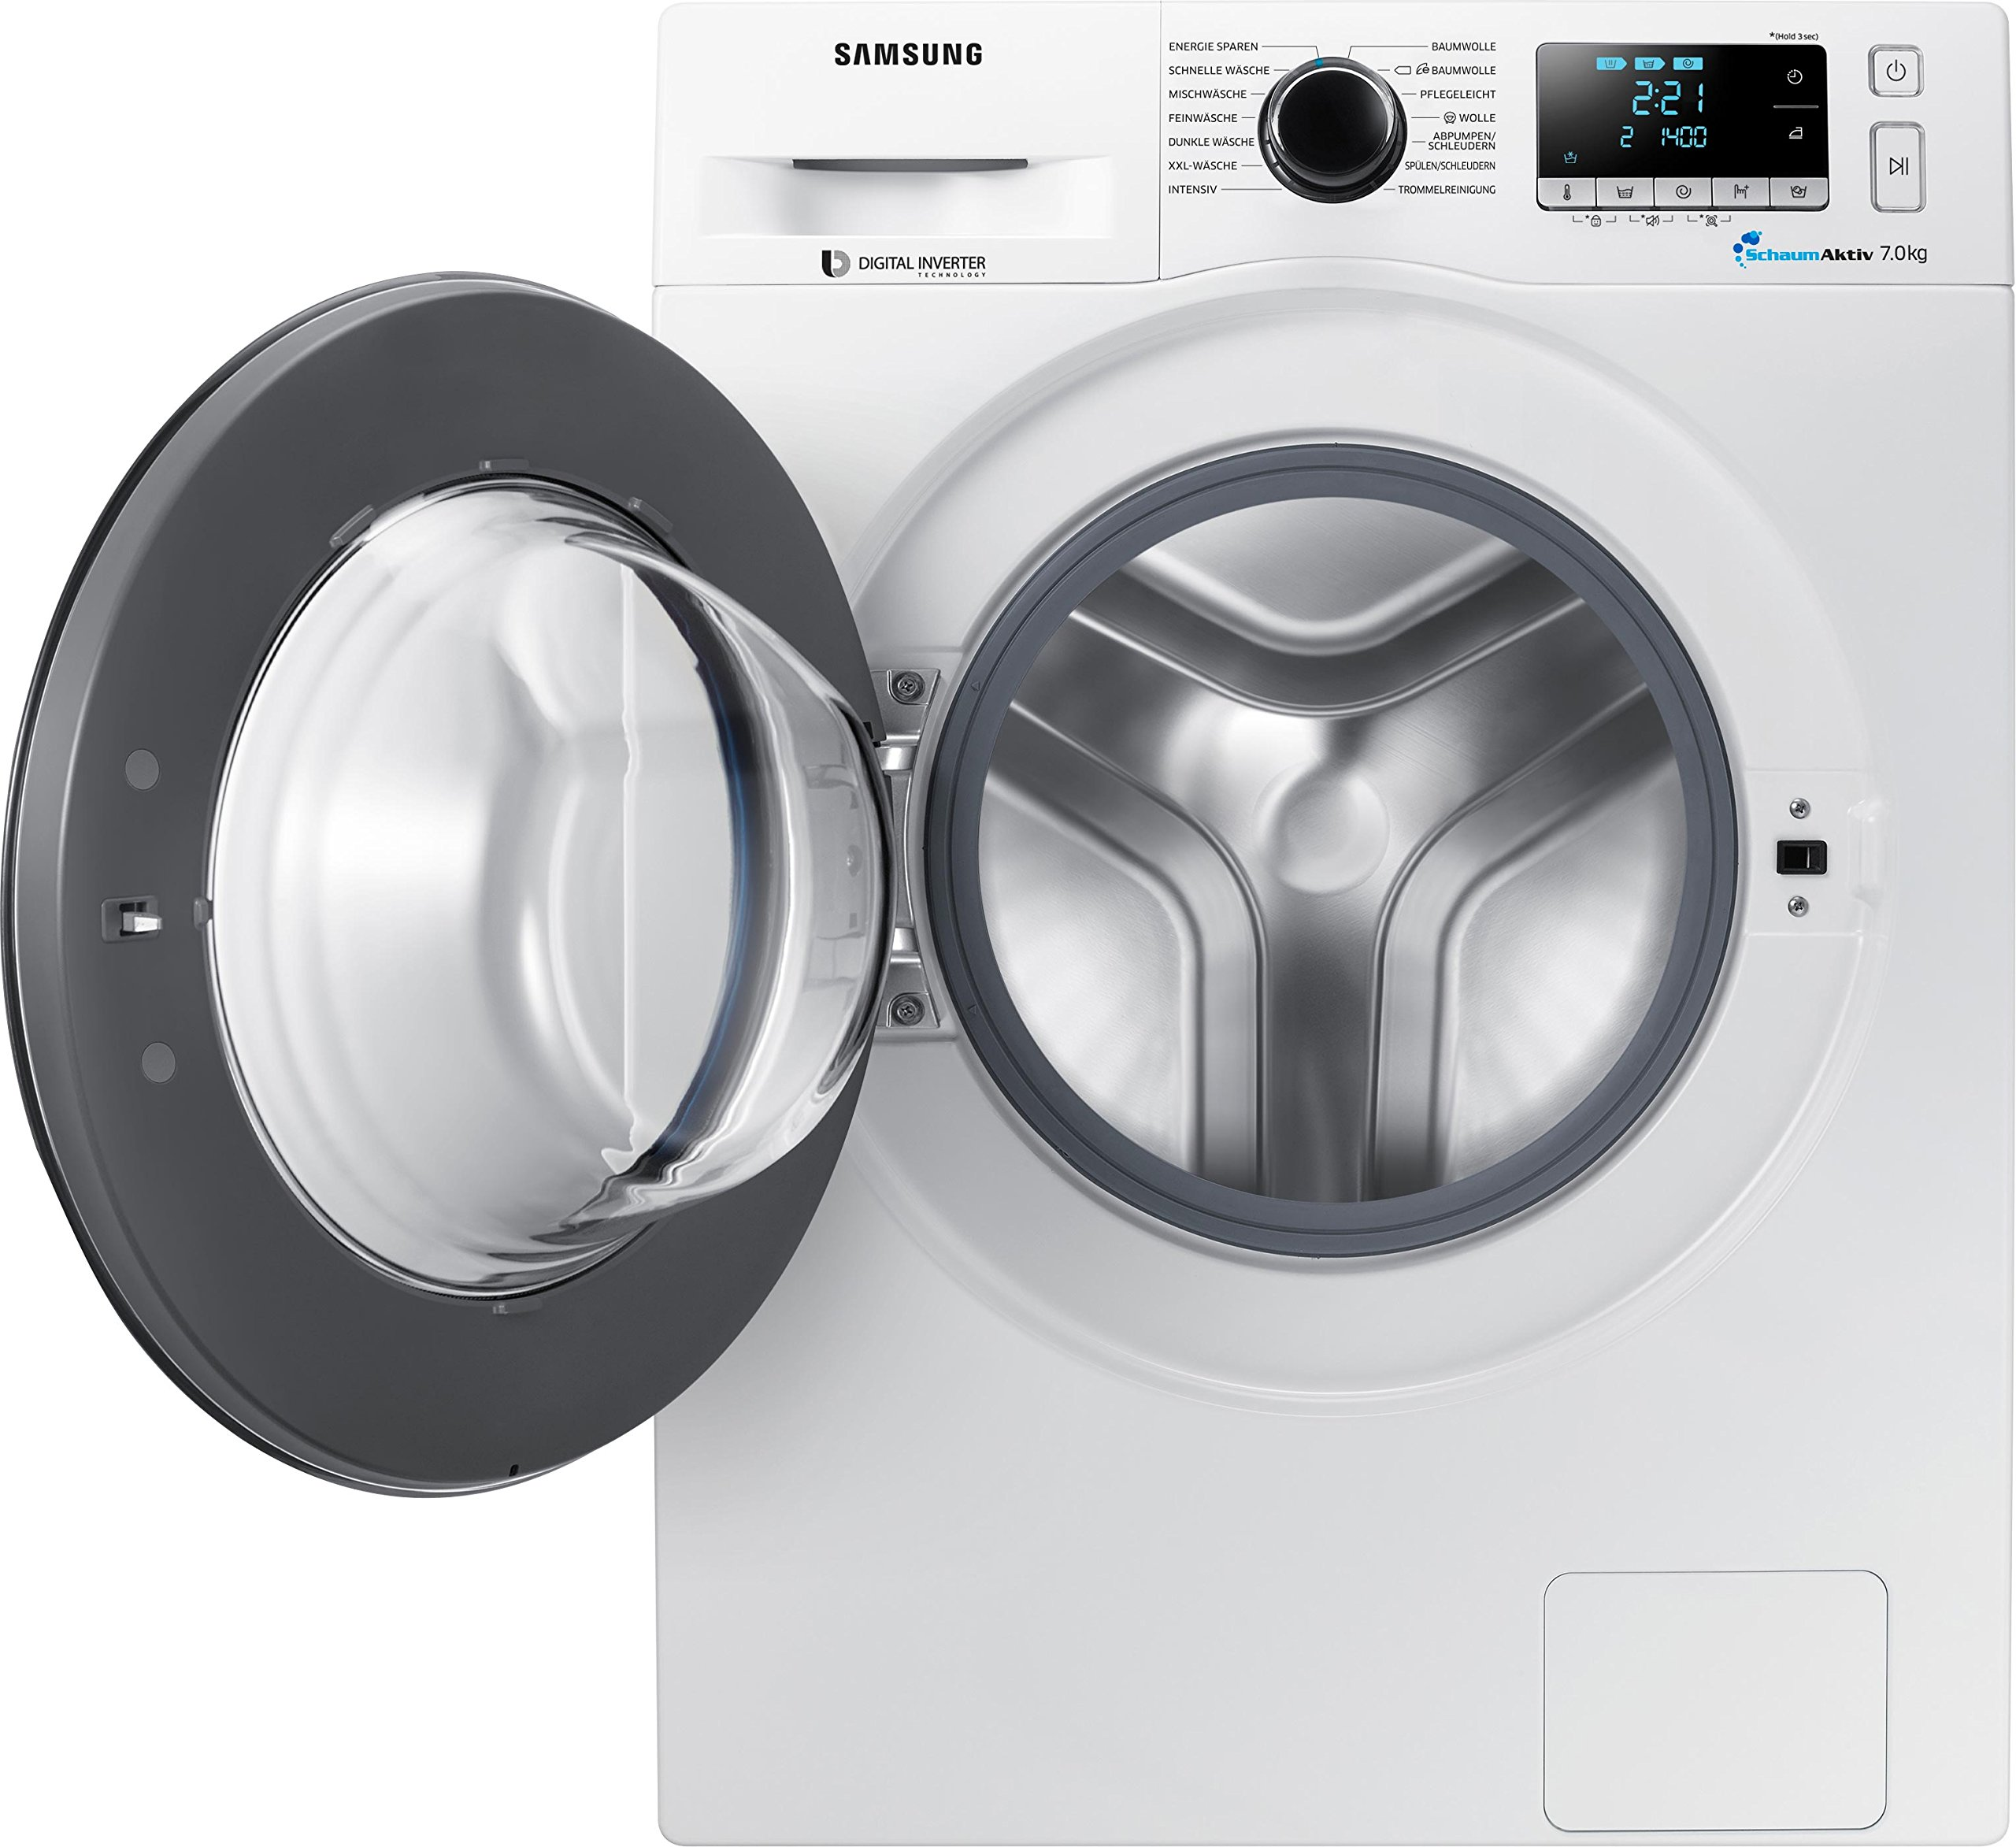 Samsung-WW71J5436FWEG-Waschmaschine-FrontladerA1400-UpMkgSchaumAktiv-TechnologieFleckenIntensivwei